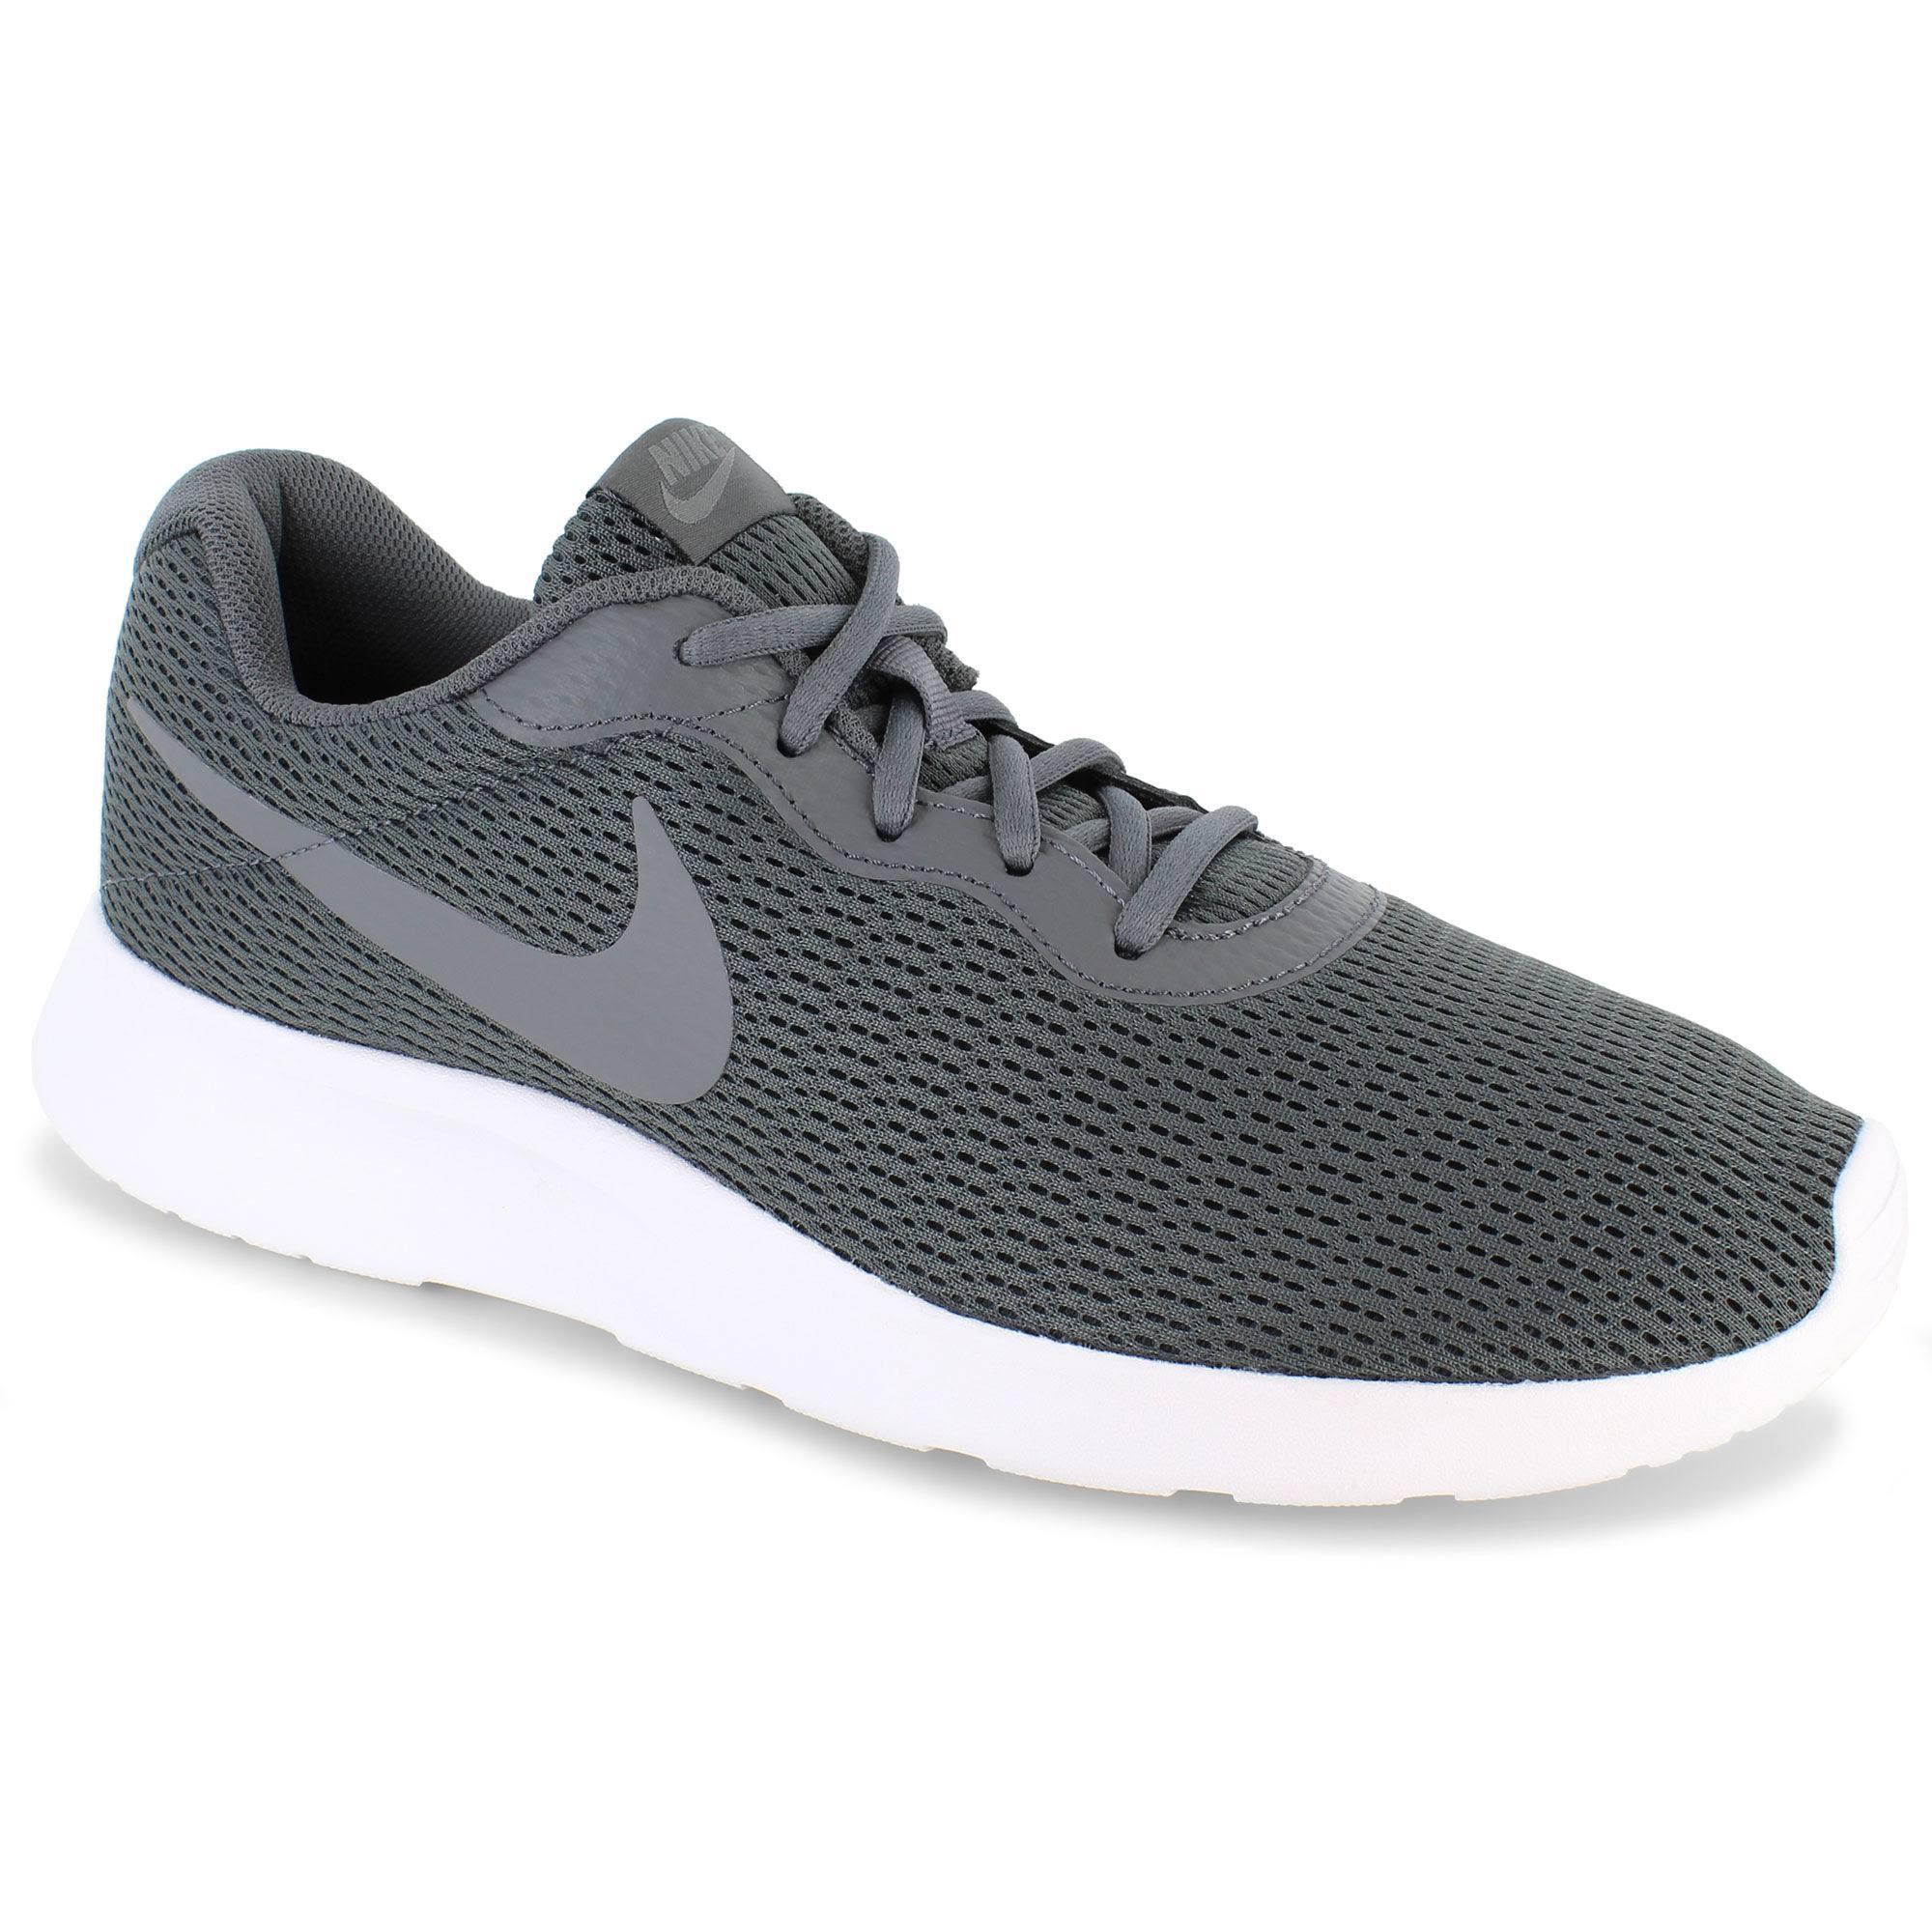 Tanjun Uomo Scarpa Da Running Nike vnm8wyN0OP